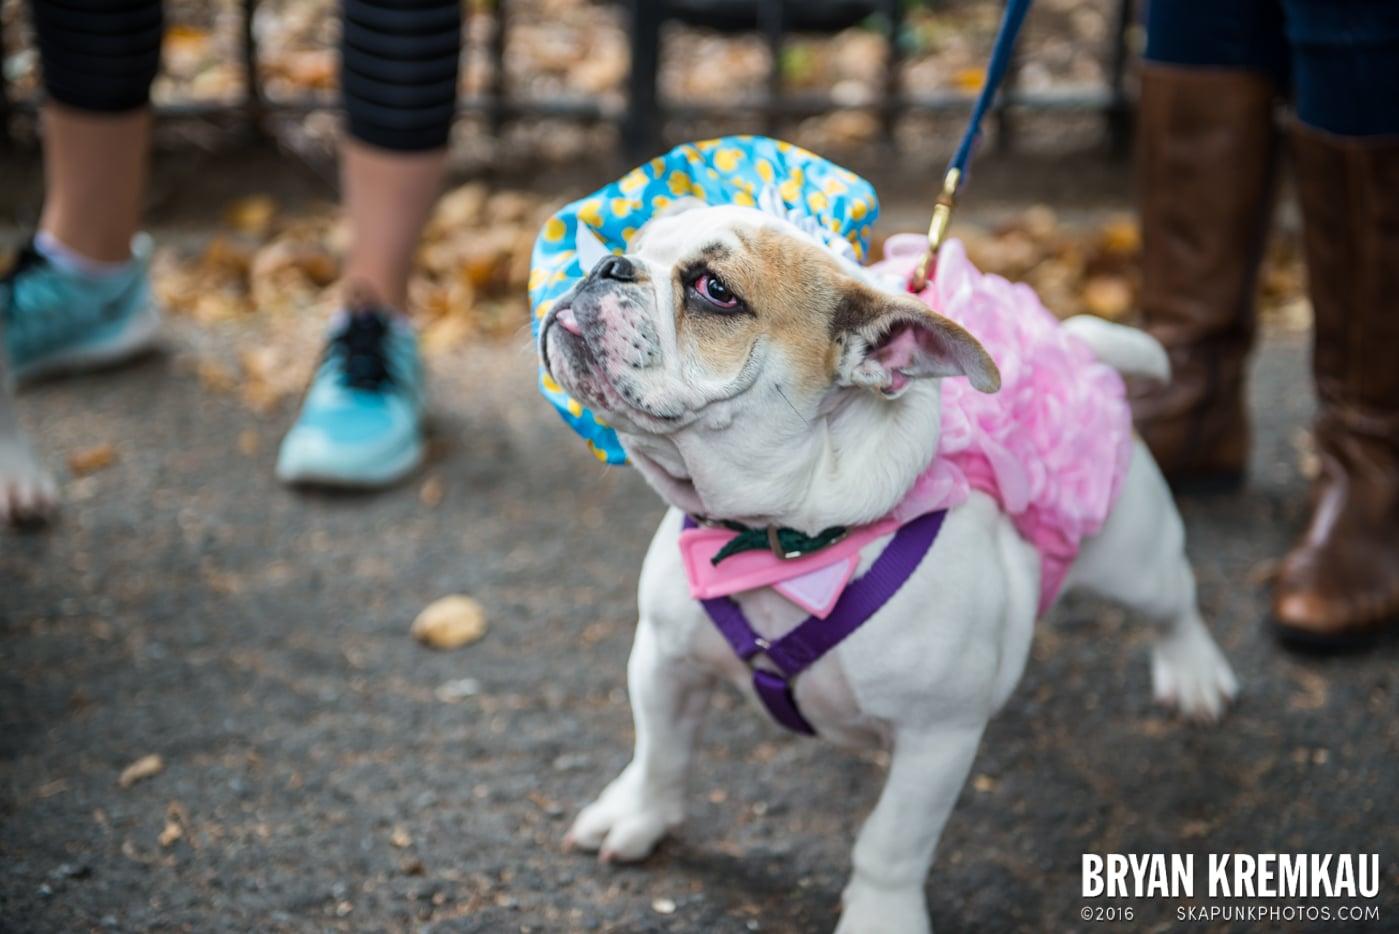 Tompkins Square Halloween Dog Parade 2015 @ Tompkins Square Park, NYC – 10.24.15 (26)